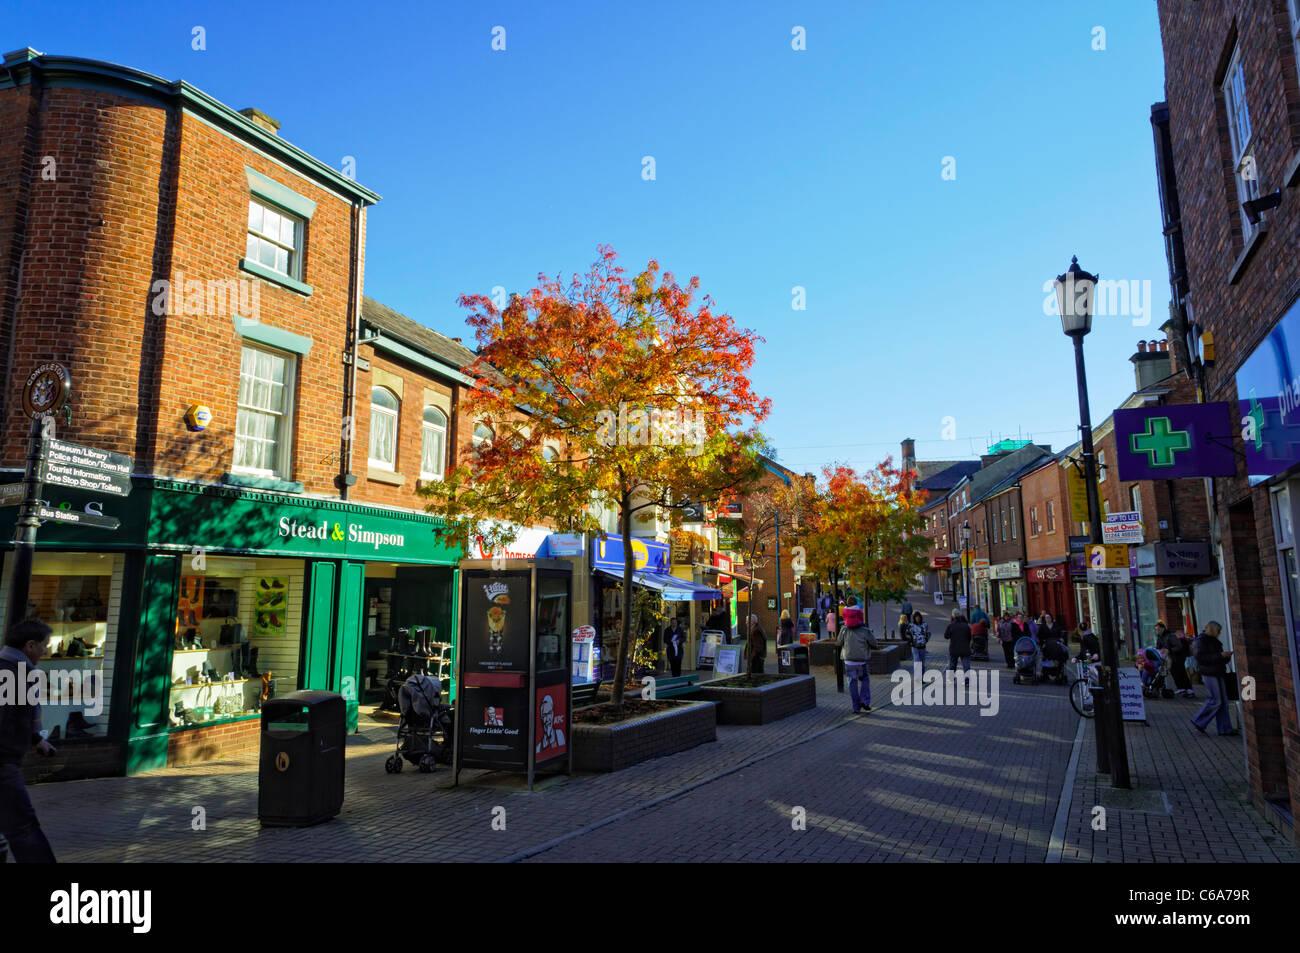 Hauptstraße in einer typischen englischen Kleinstadt Fußgängerzone, mit typischen Geschäften. Stockbild